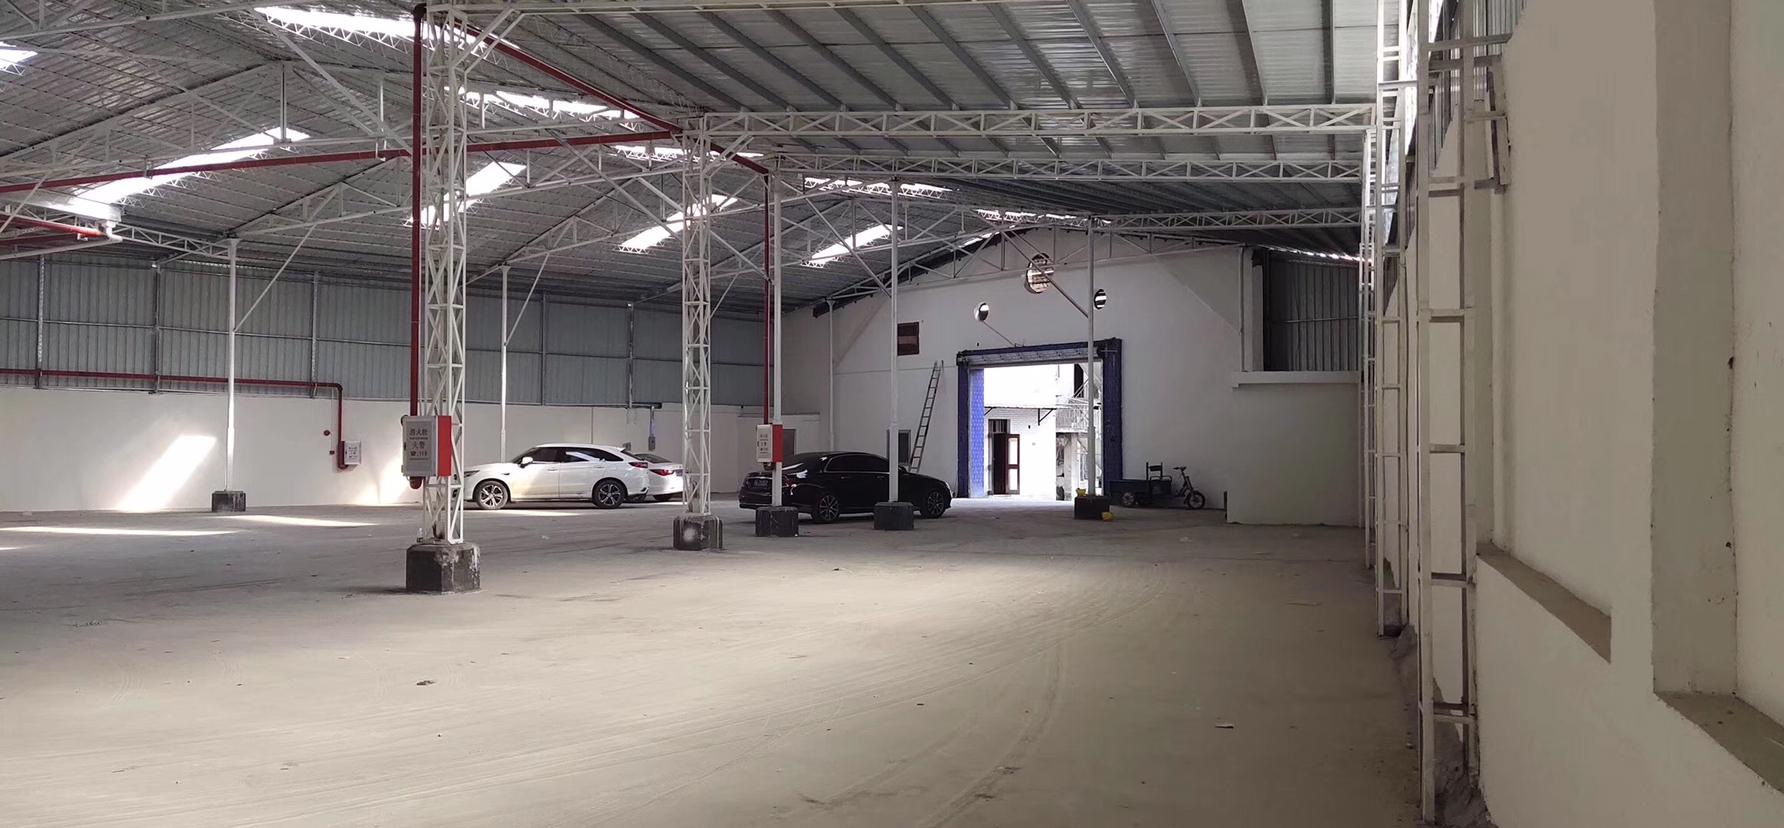 松岗新出钢结构厂房出租,合适做废品打包,仓库等行业!